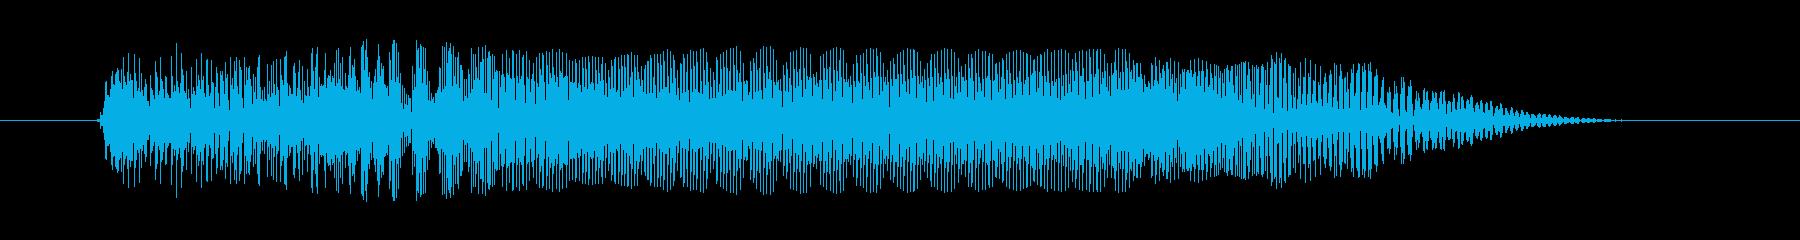 ティーンエイジャーの女性:怒ったうめき声の再生済みの波形